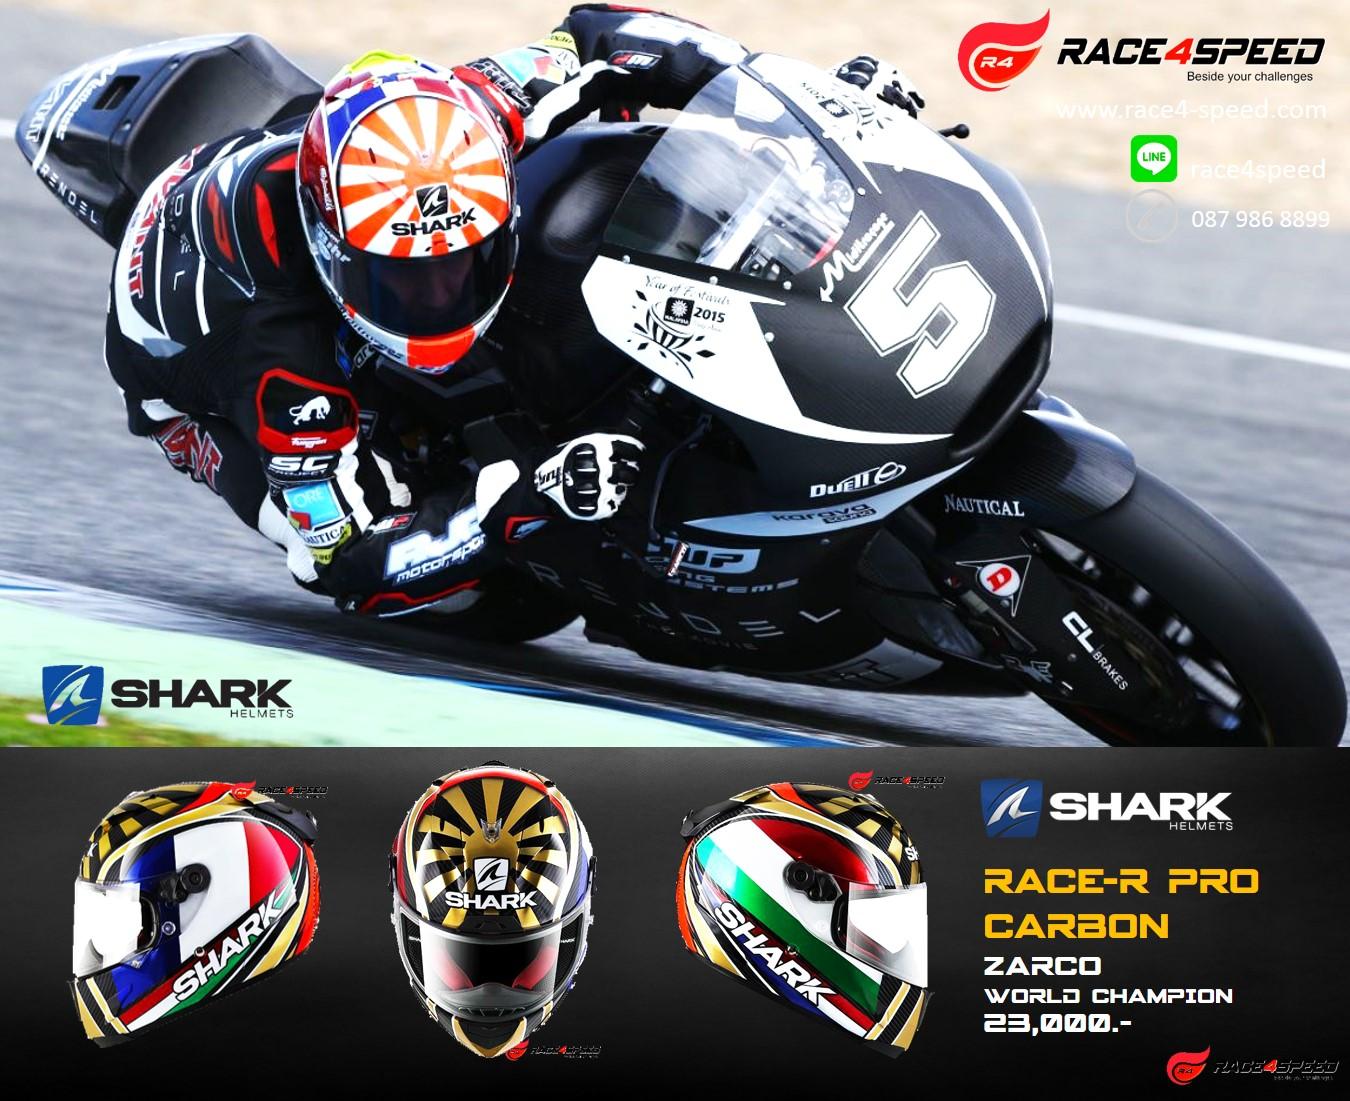 หมวก shark race r pro zarco ลายใหม่ 2016 น้ำหนักเบา ราคาพิเศษ